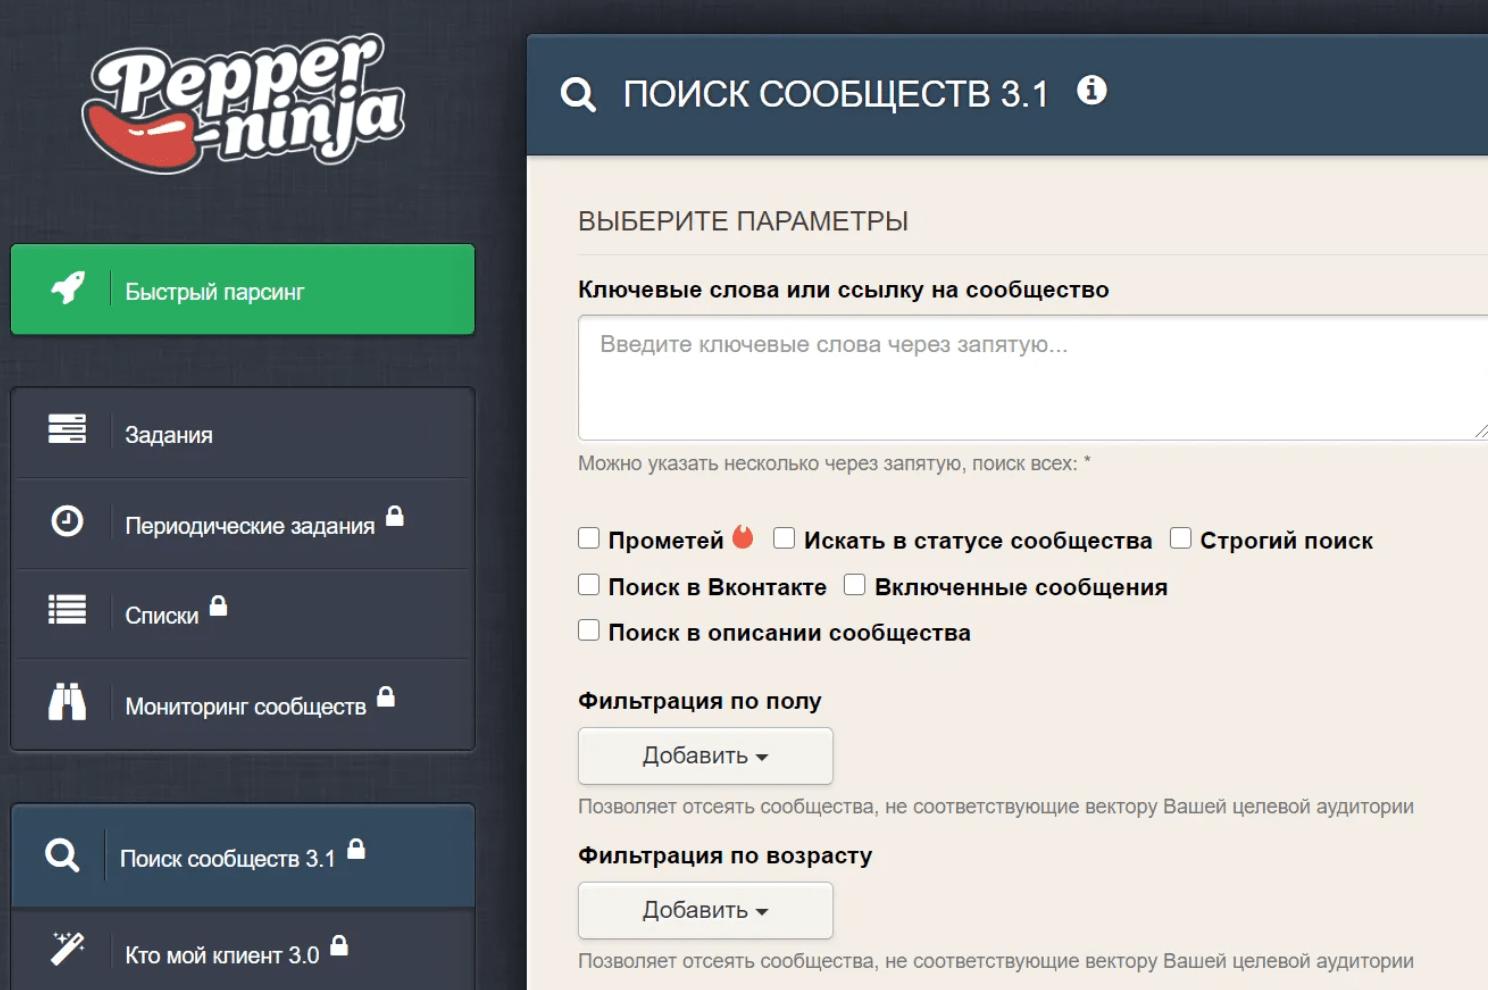 Поиск сообществ Вконтакте через парсер Pepper.Ninja